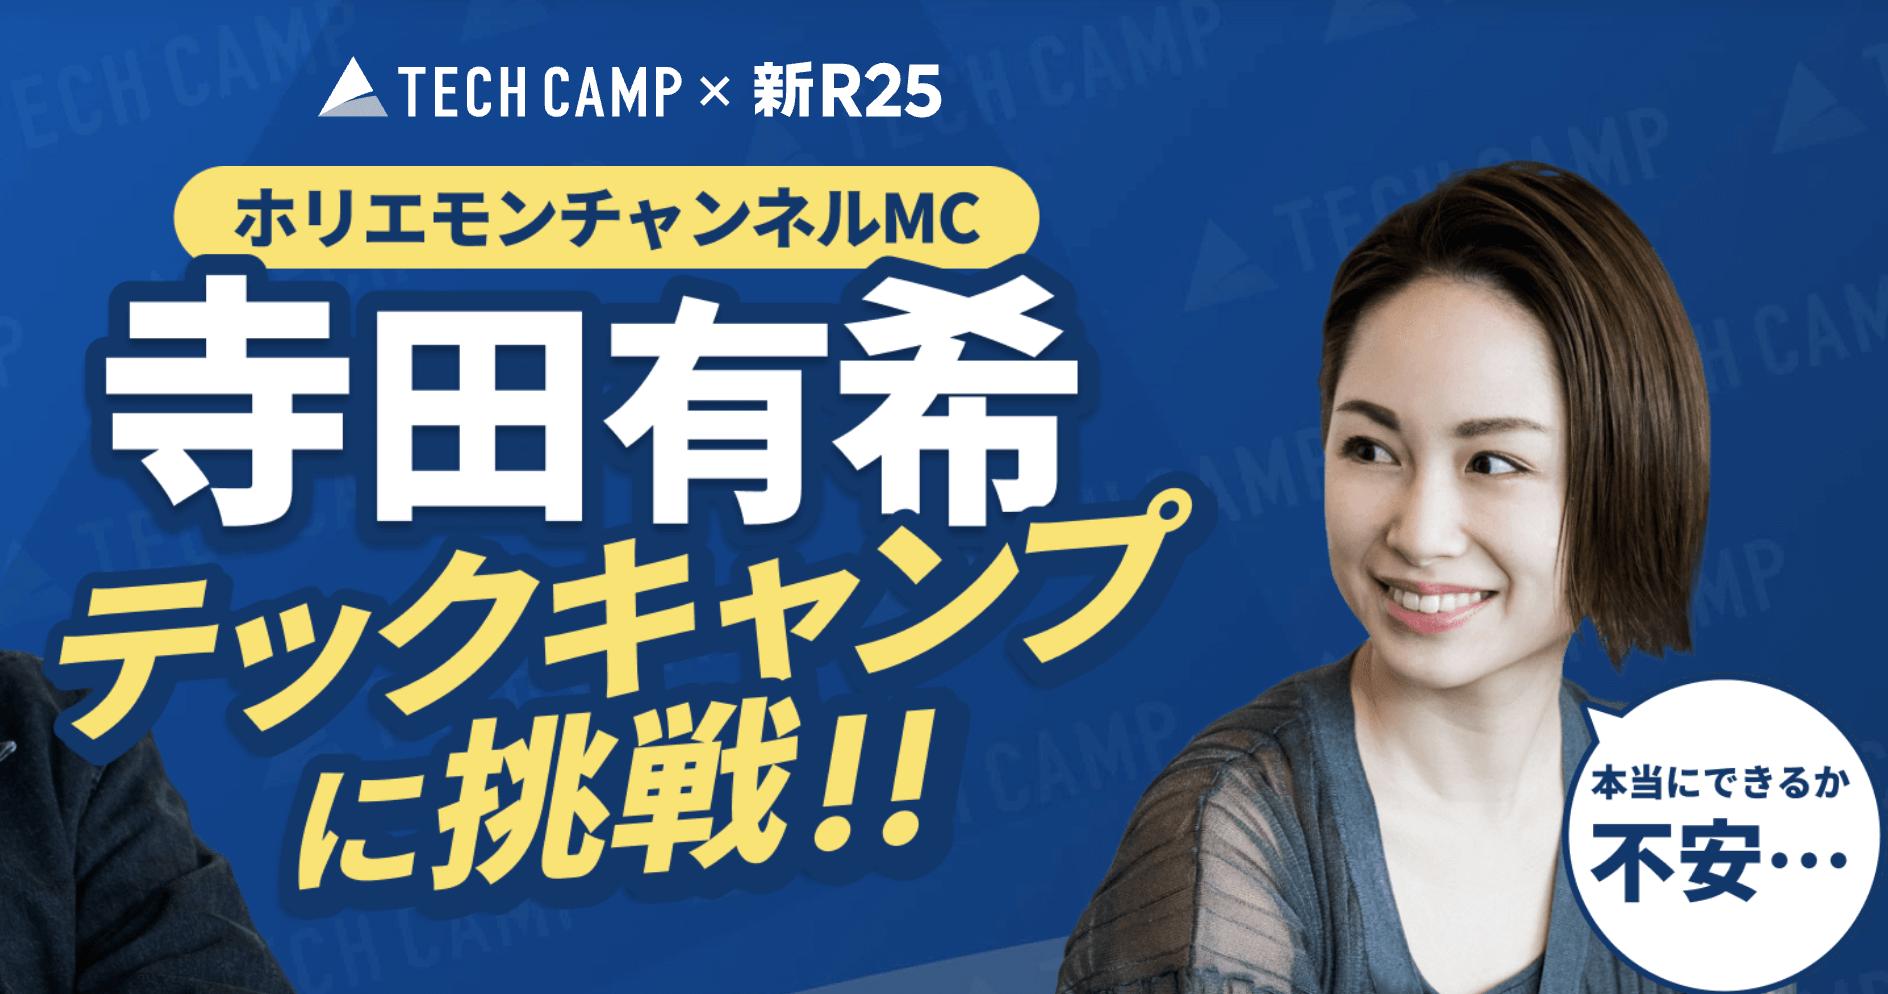 寺田有希がプログラミングに挑戦